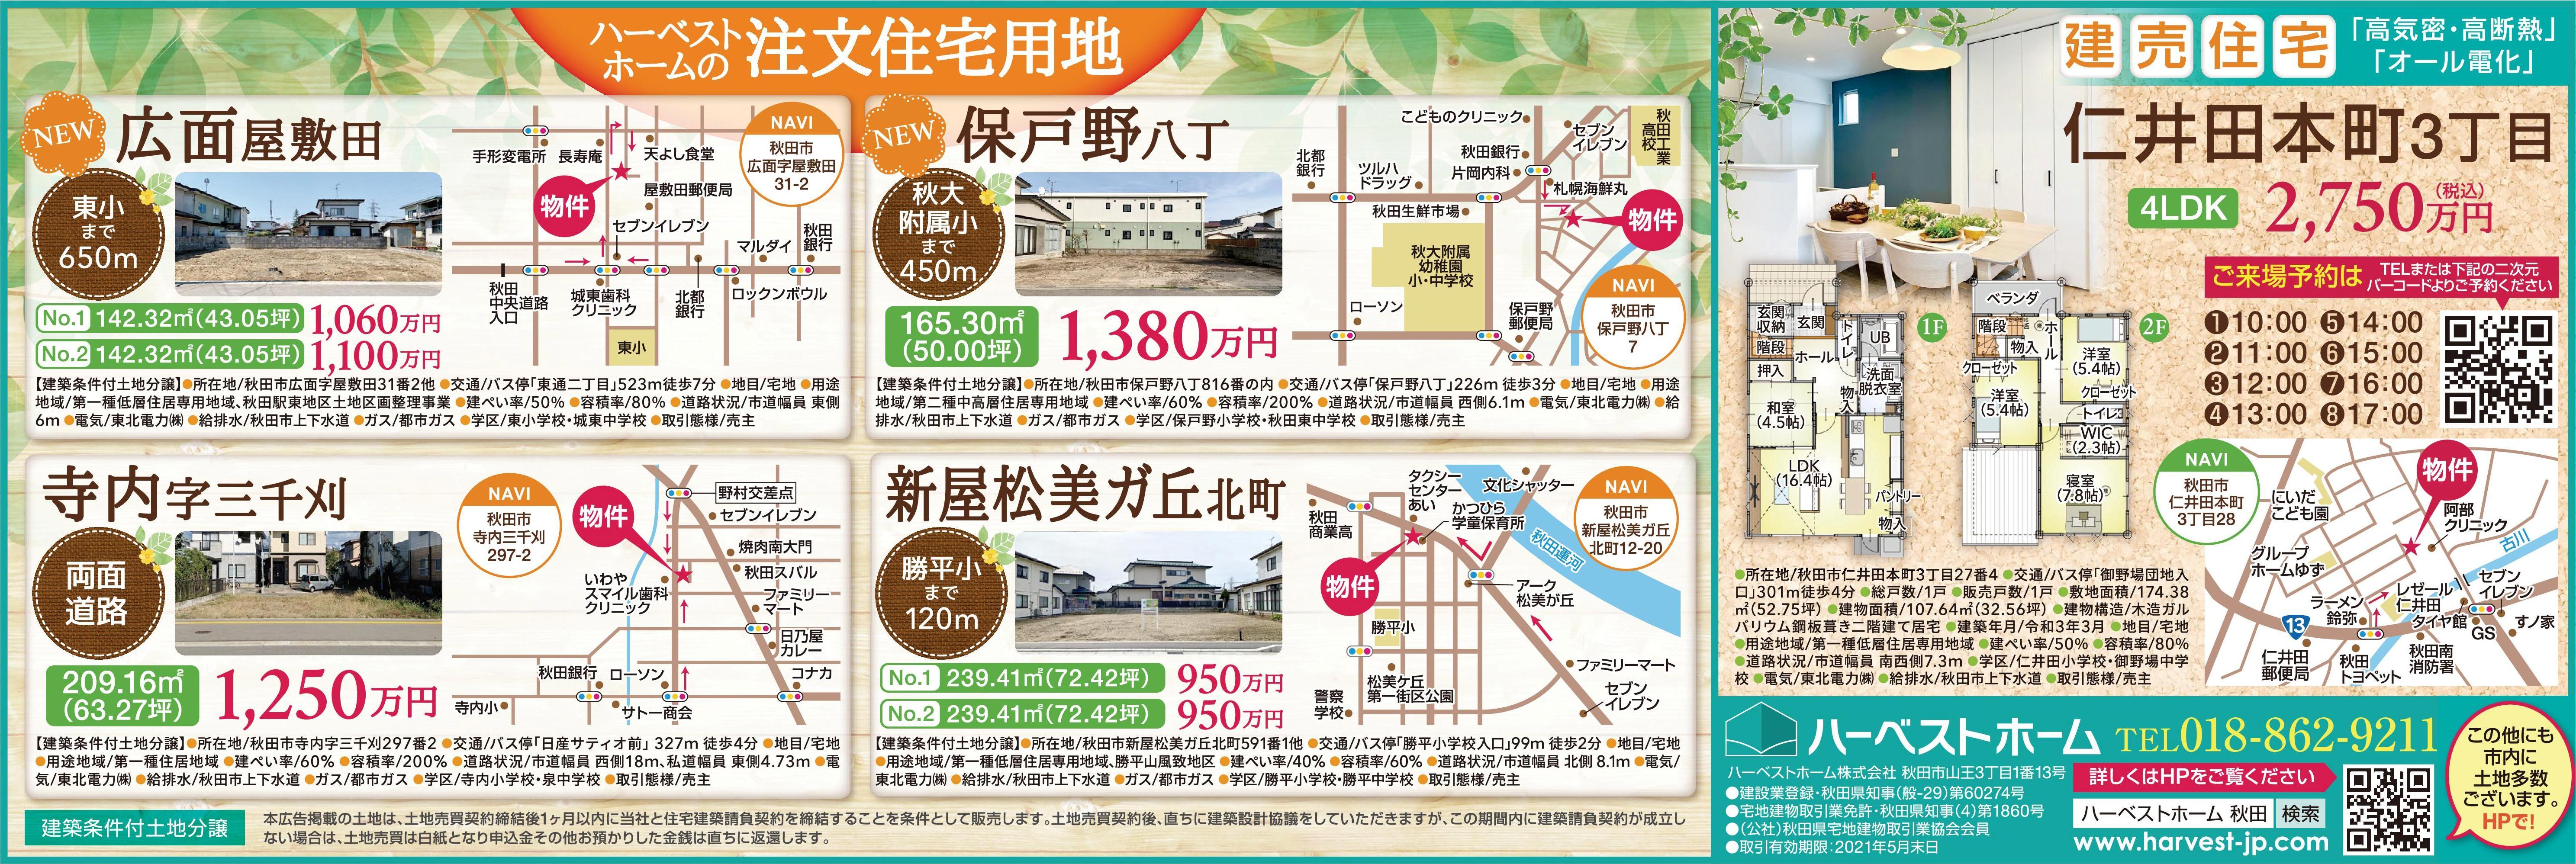 仁井田本町『建売住宅』をご案内!